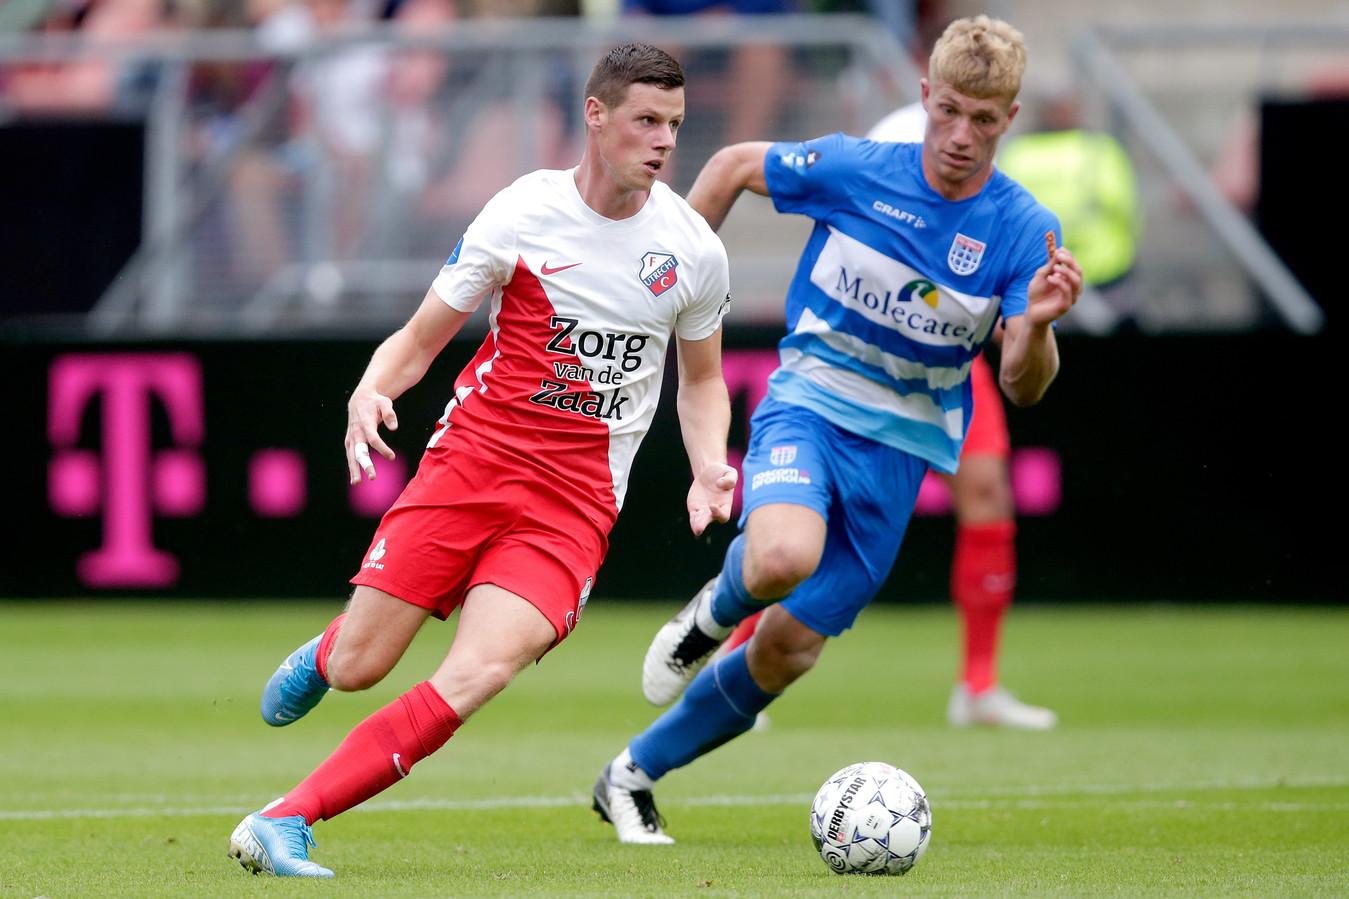 Nick Venema namens FC Utrecht in actie tegen PEC Zwolle.